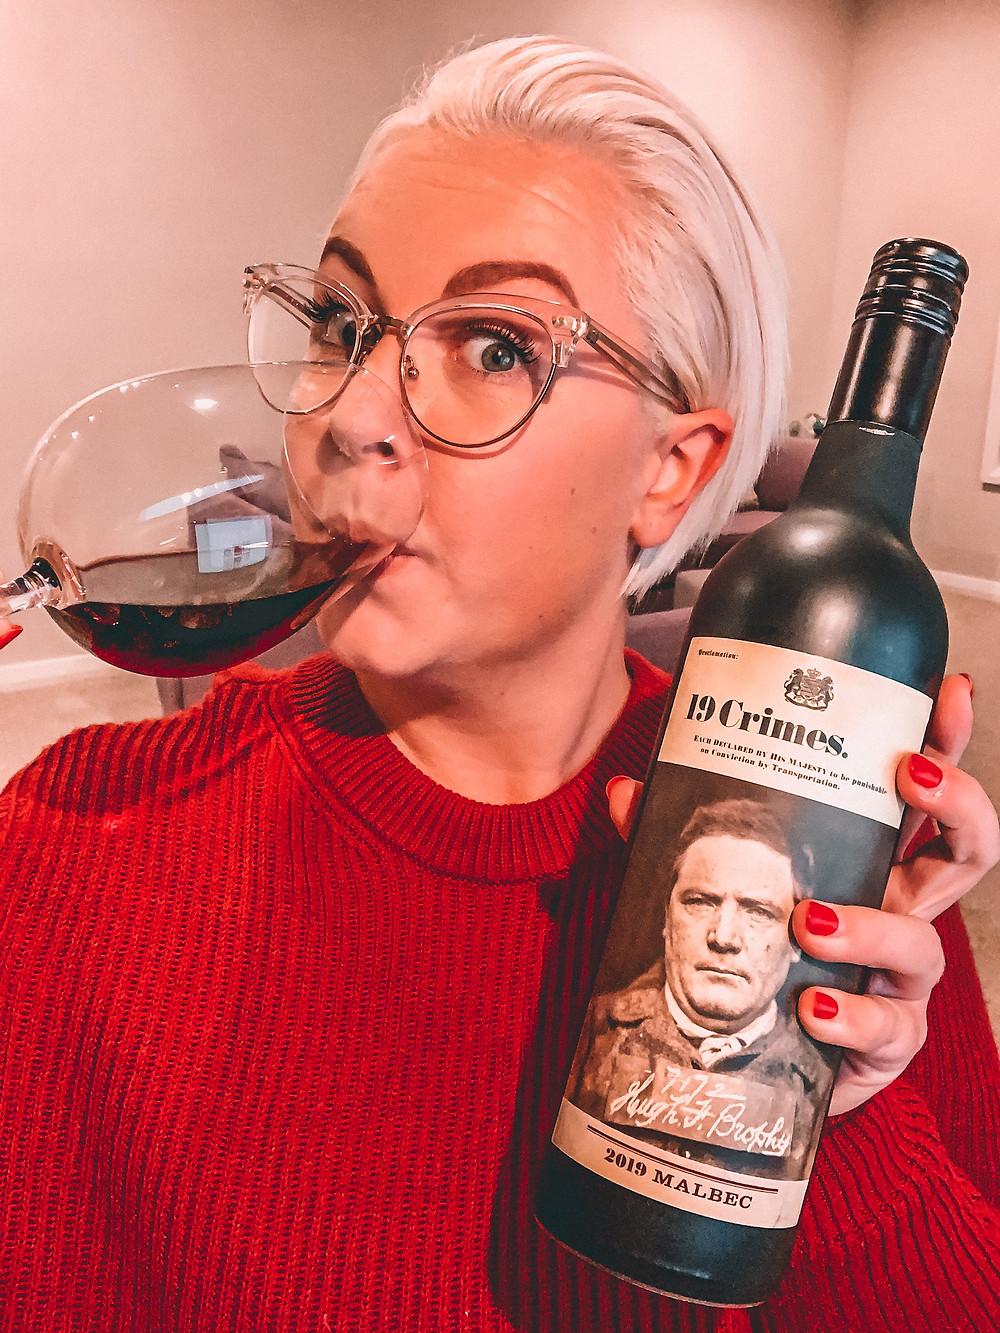 Wine influencer drinking red wine